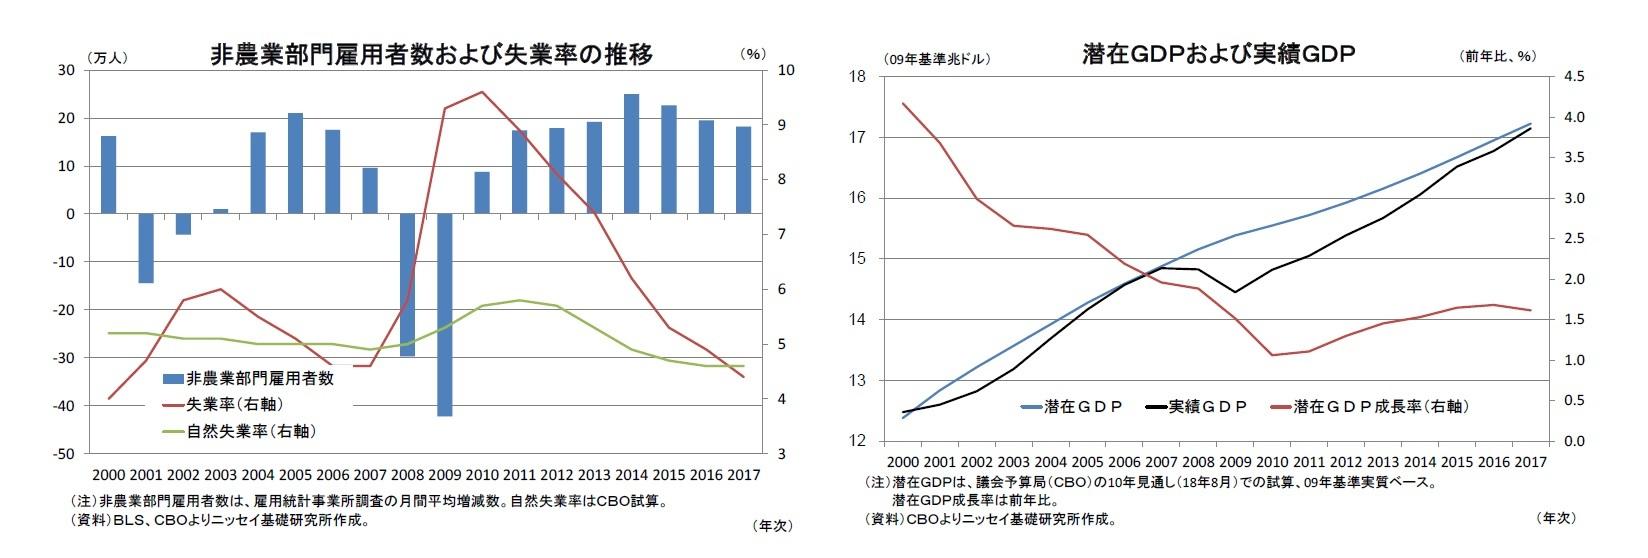 非農業部門雇用者数および失業率の推移/潜在GDPおよび実績GDP